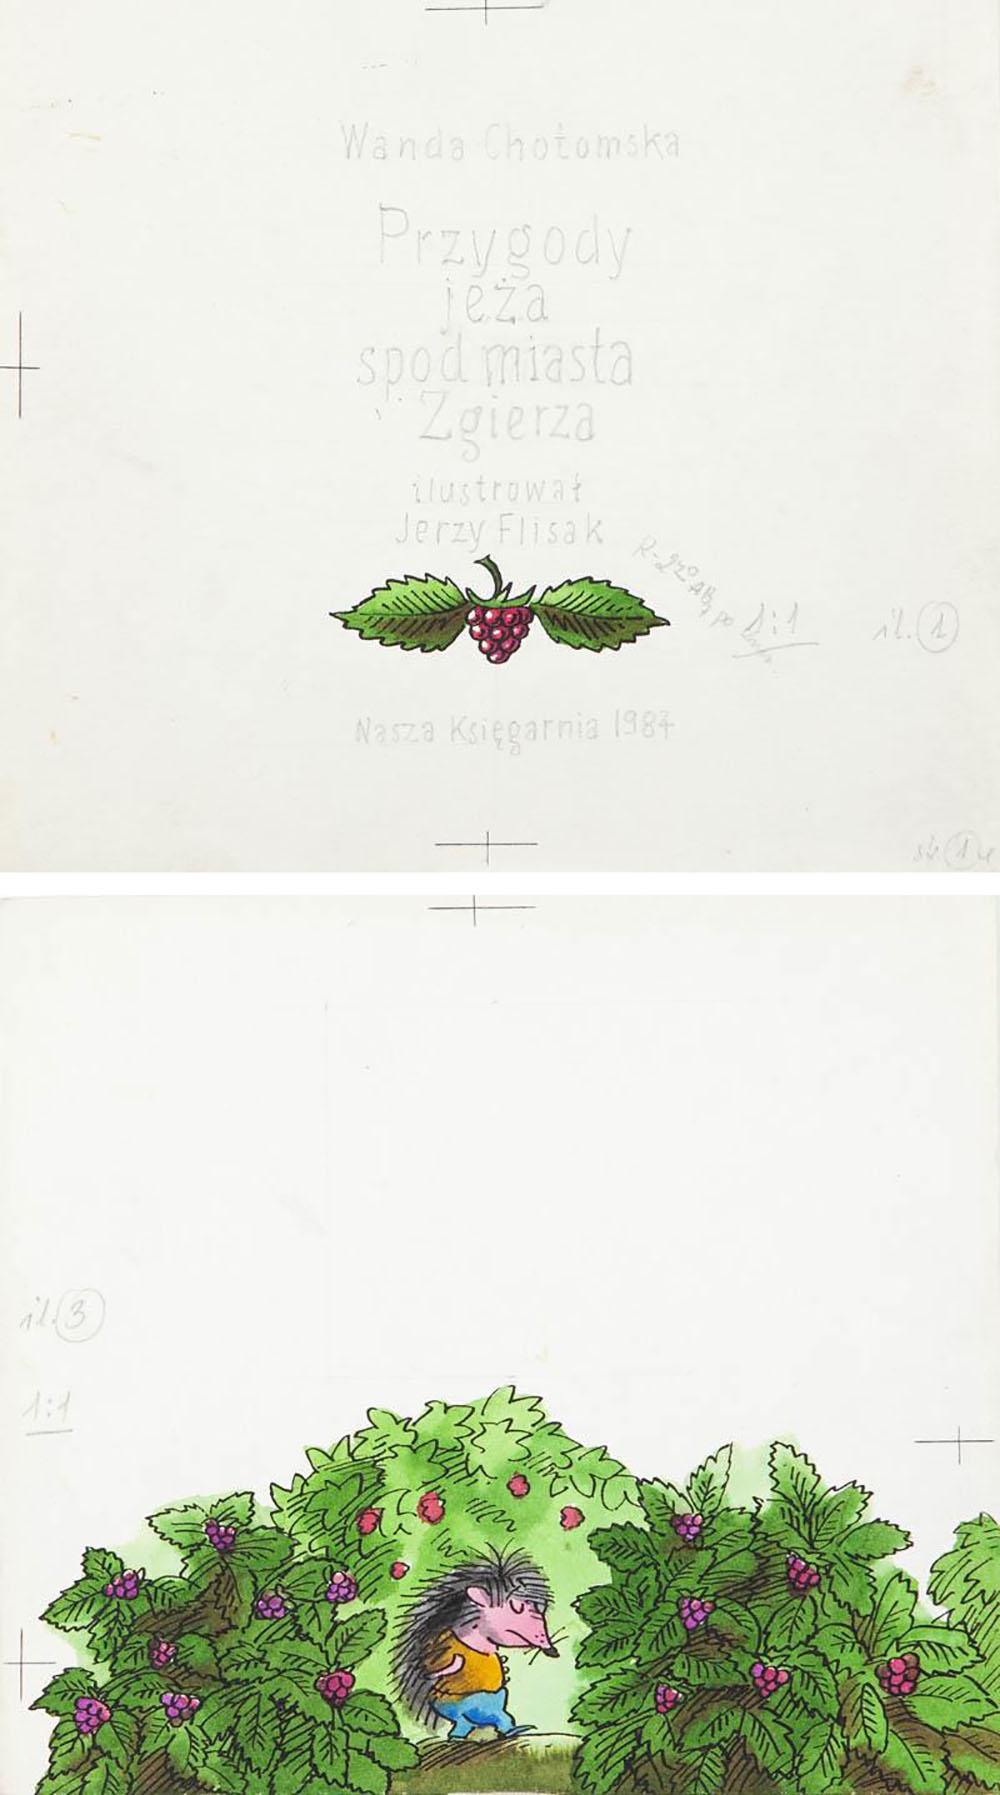 """""""Przygody jeża spod miasta Zgierza"""", ilustracja do książki Wandy Chotomskiej, str. 4, 1984"""